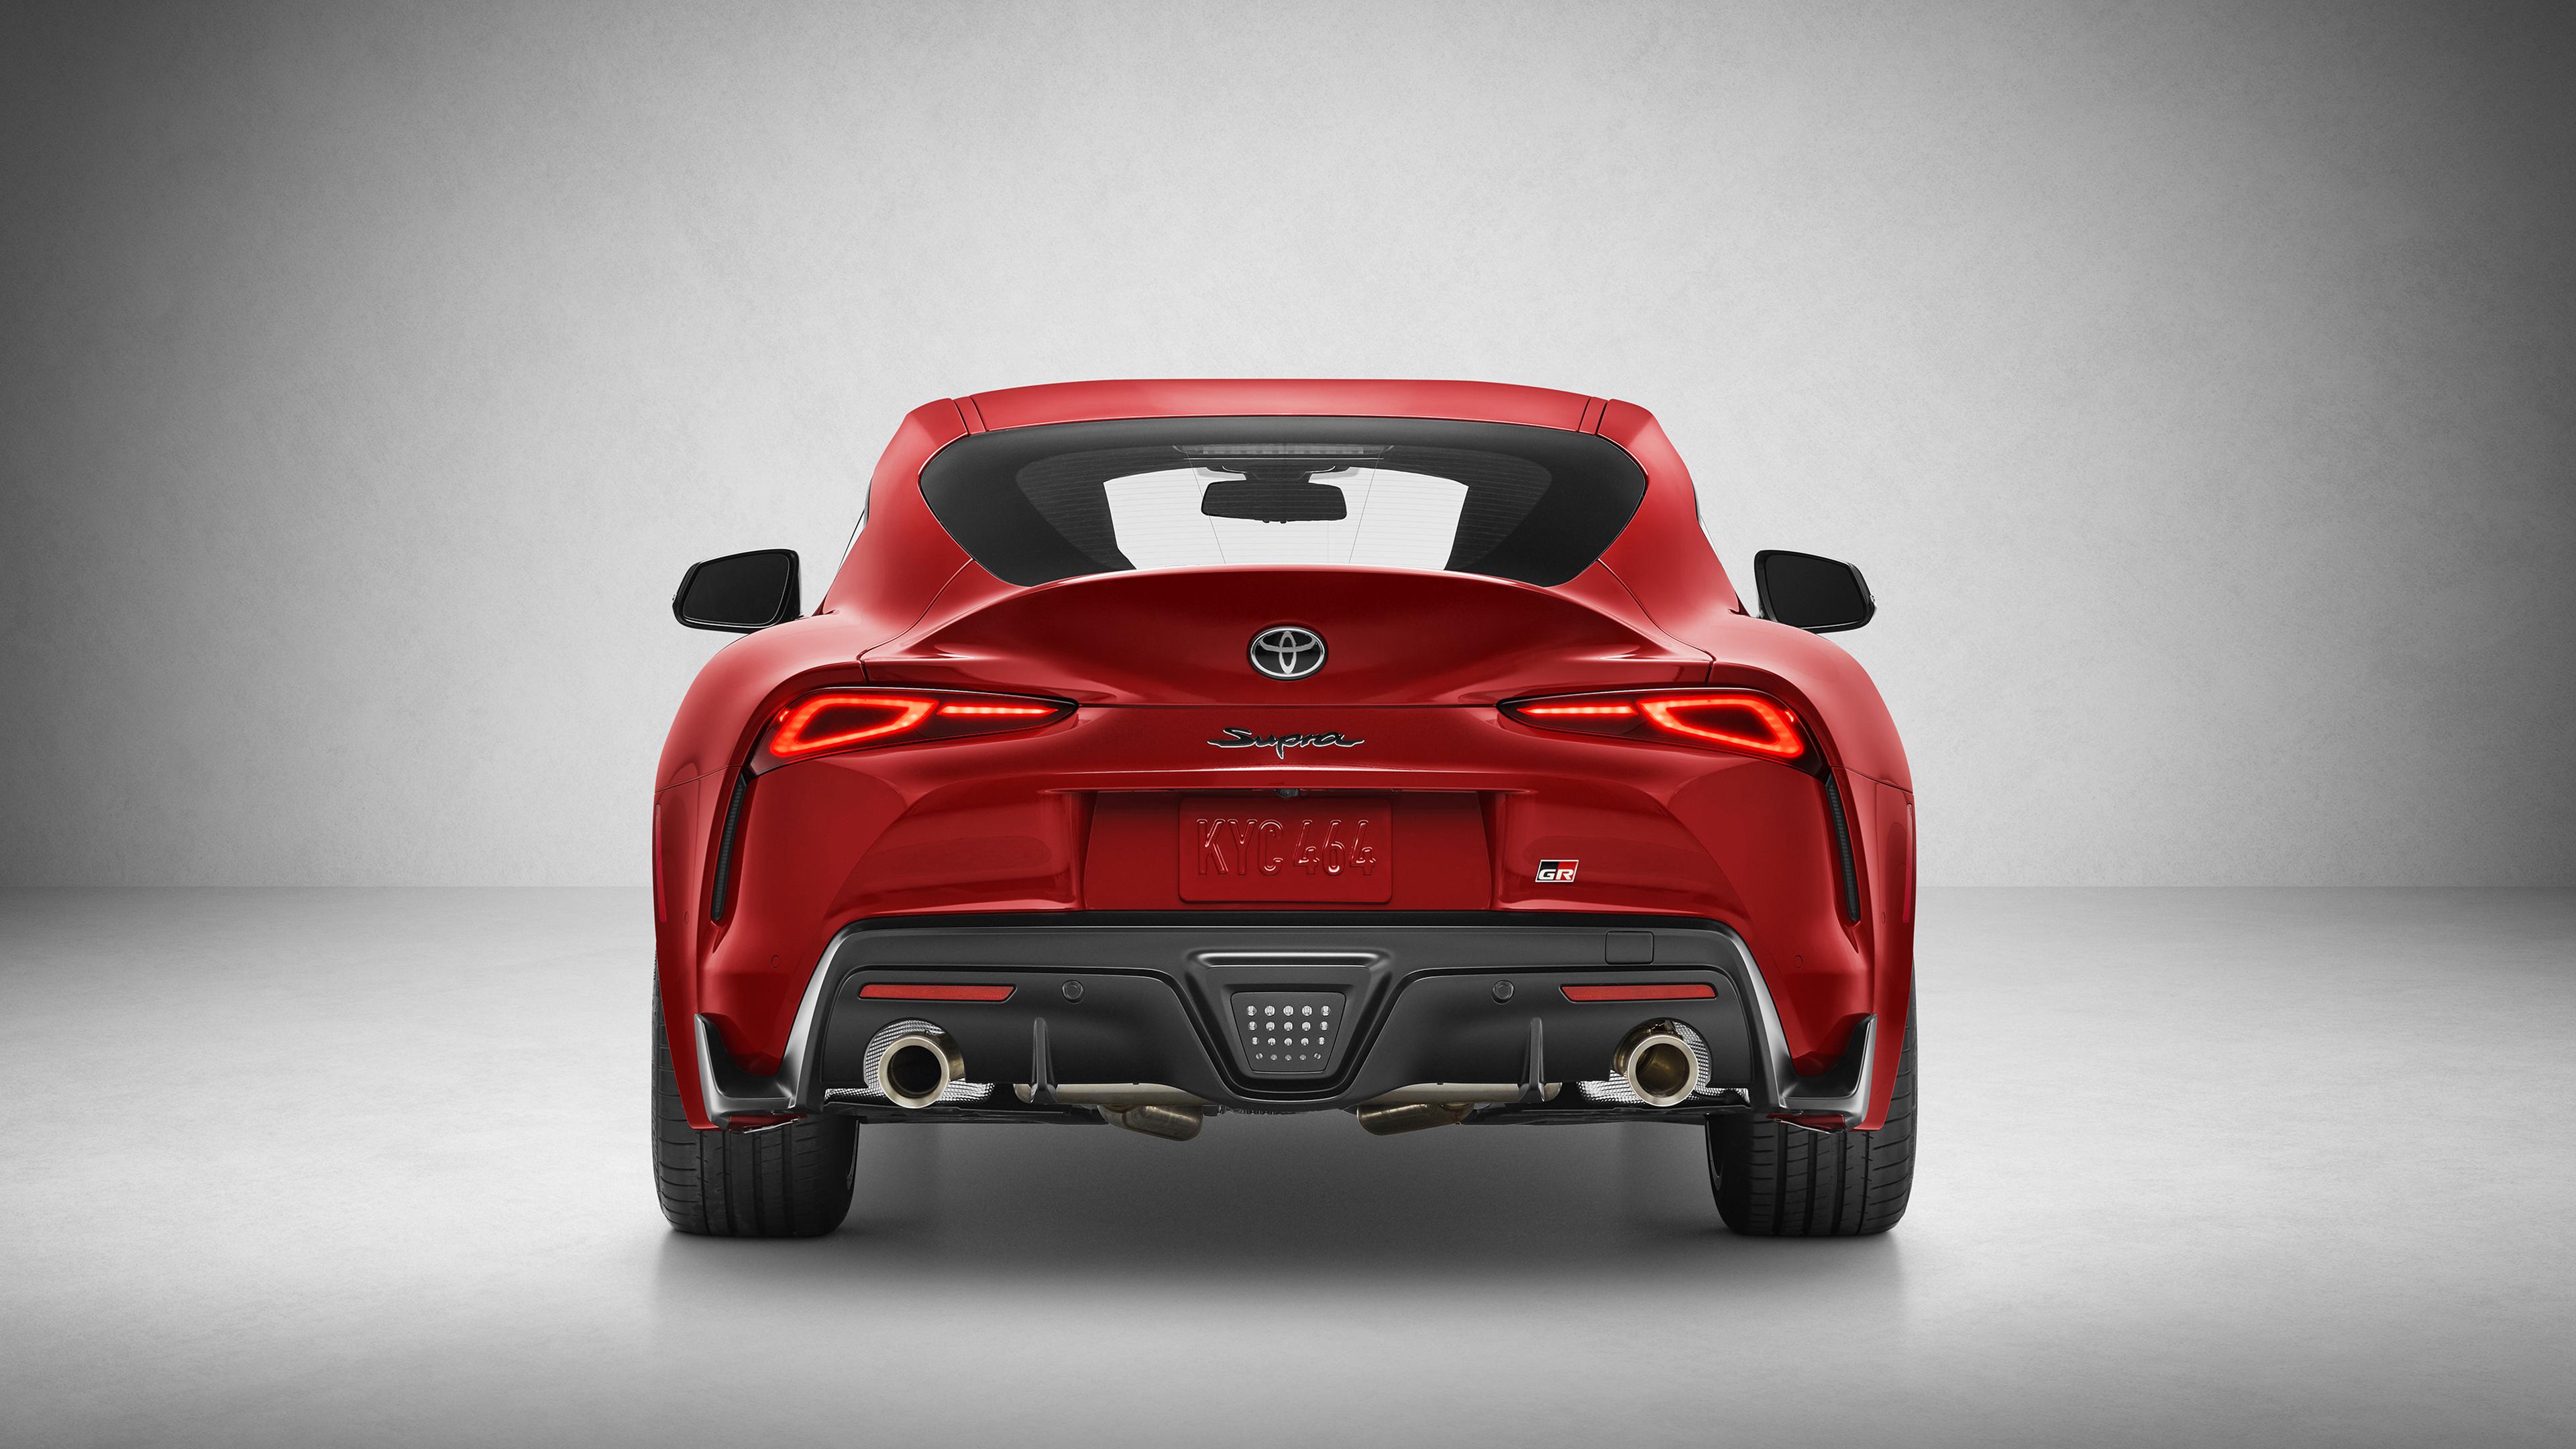 2020 Toyota GR Supra 4K 4 Wallpaper HD Car Wallpapers ID 11861 3840x2160